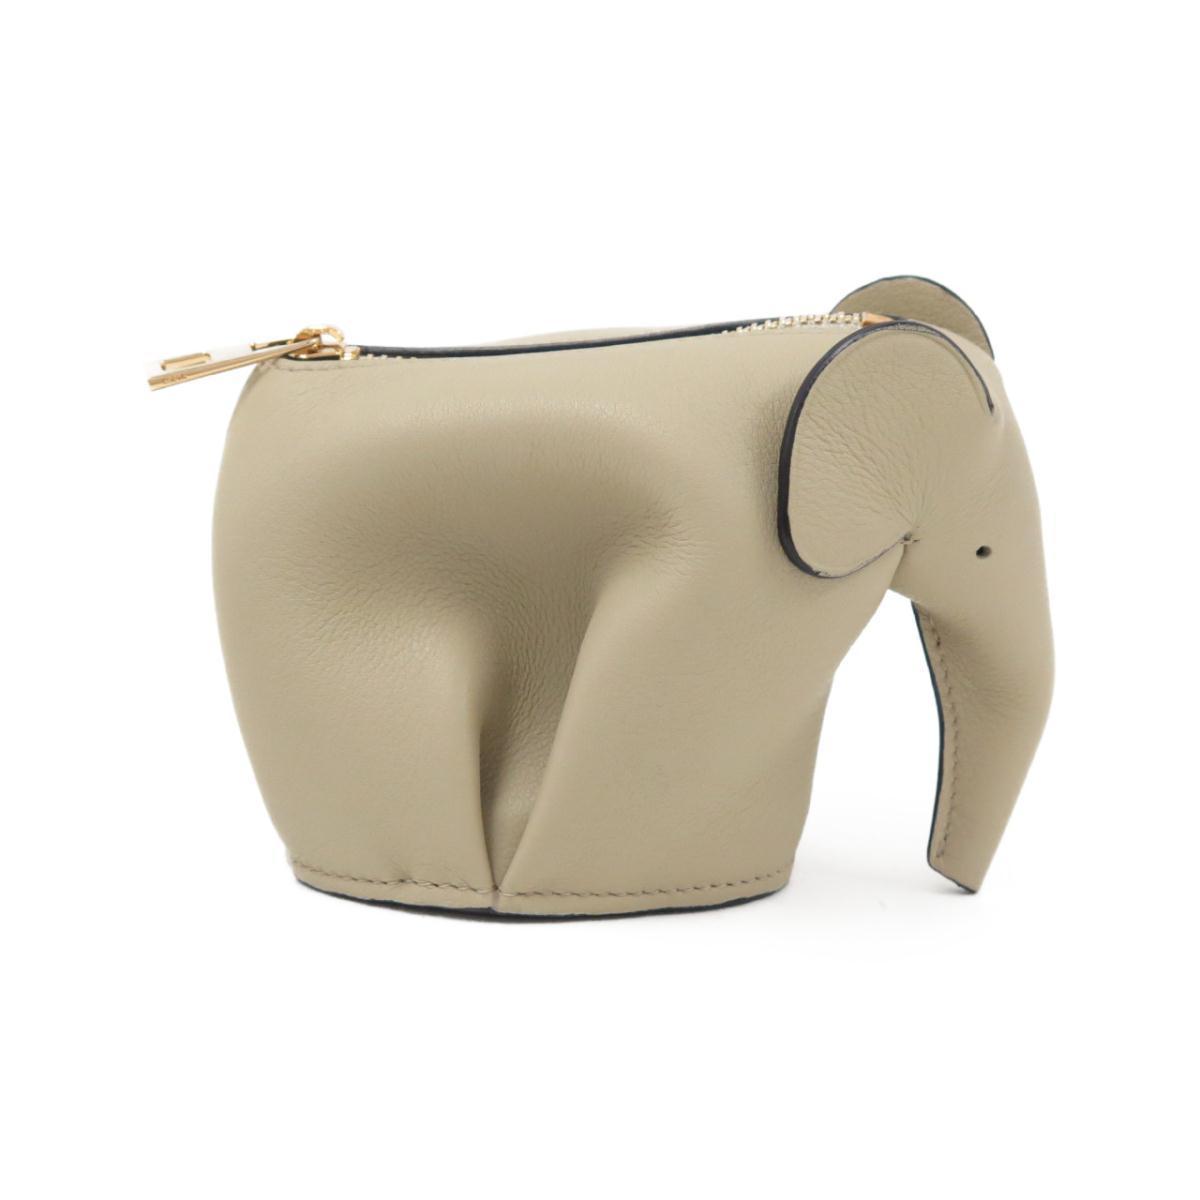 ベージュのロエベの象のキーホルダー